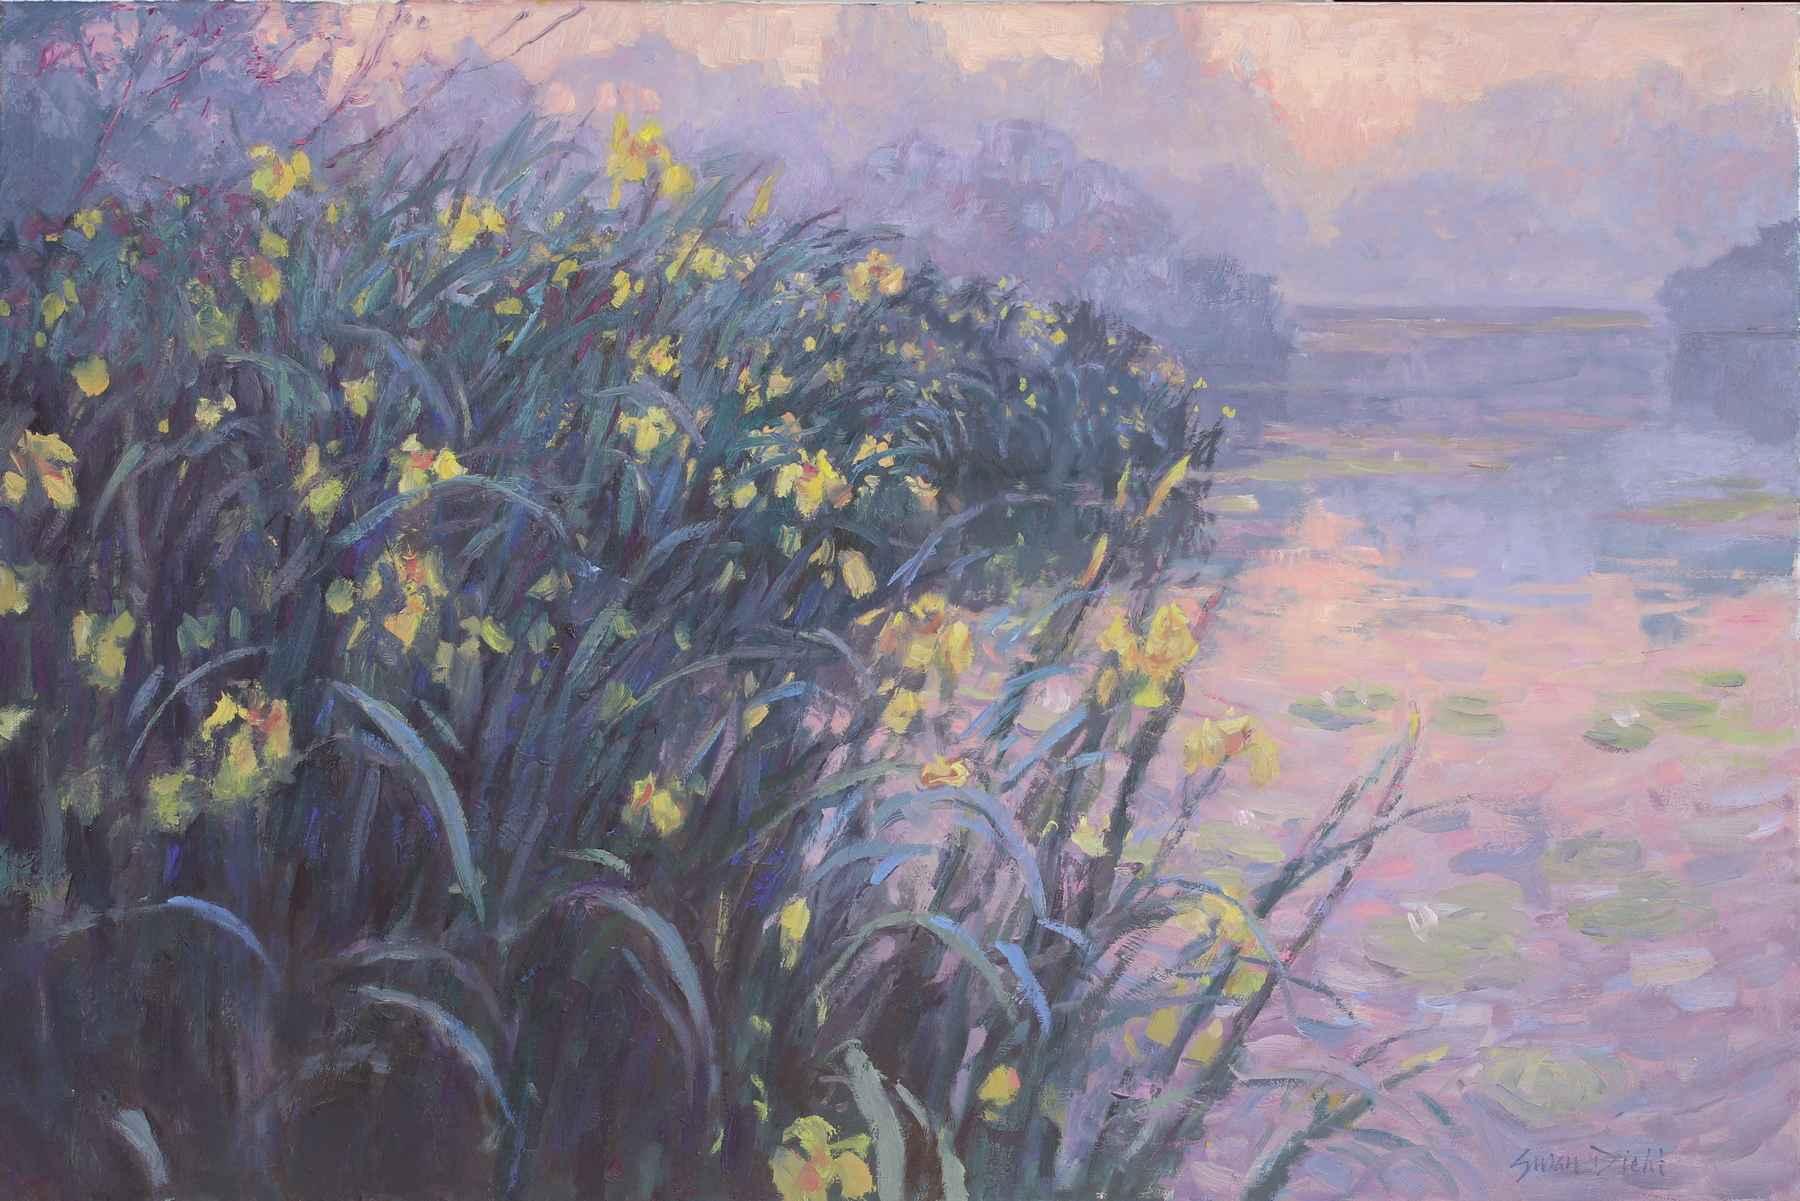 Morning Mist  by  Susan Diehl